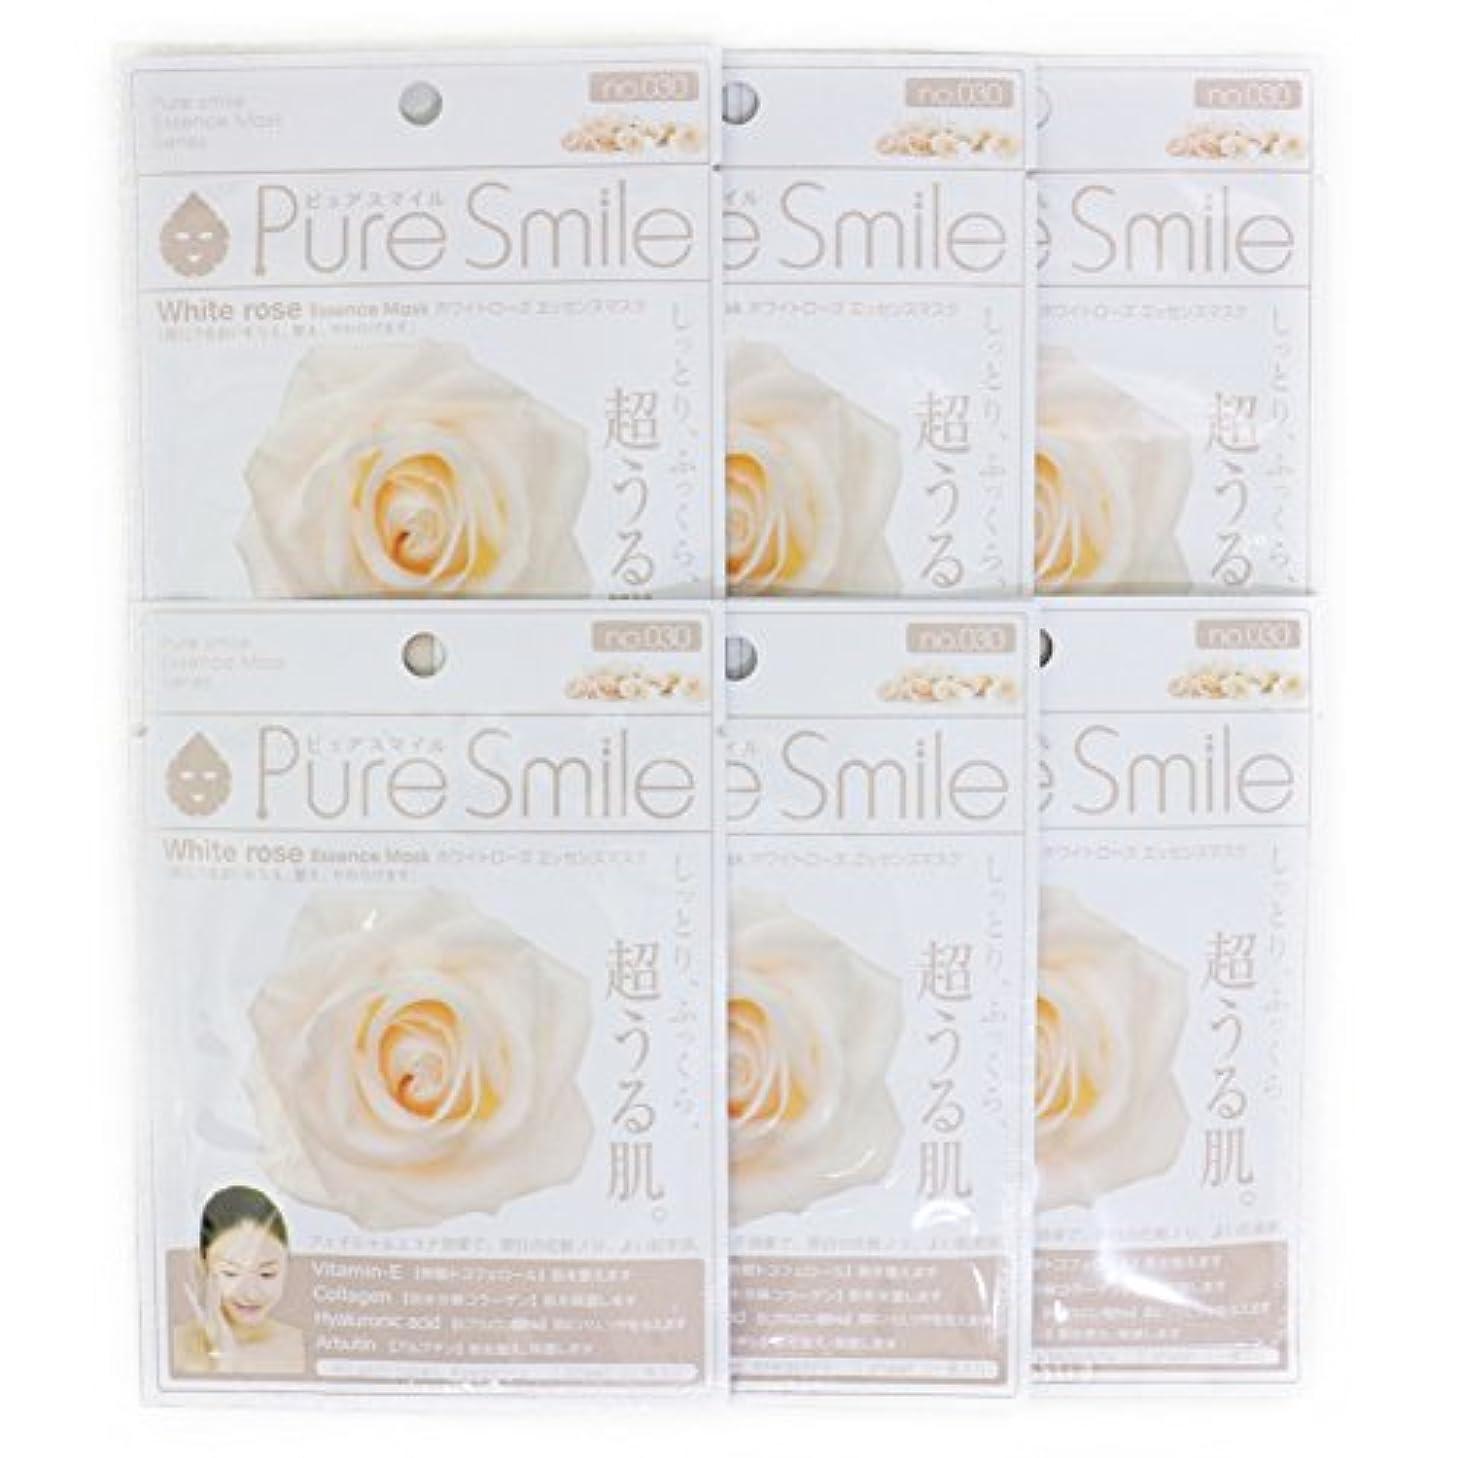 タクシー導出懸念Pure Smile ピュアスマイル エッセンスマスク ホワイトローズ 6枚セット